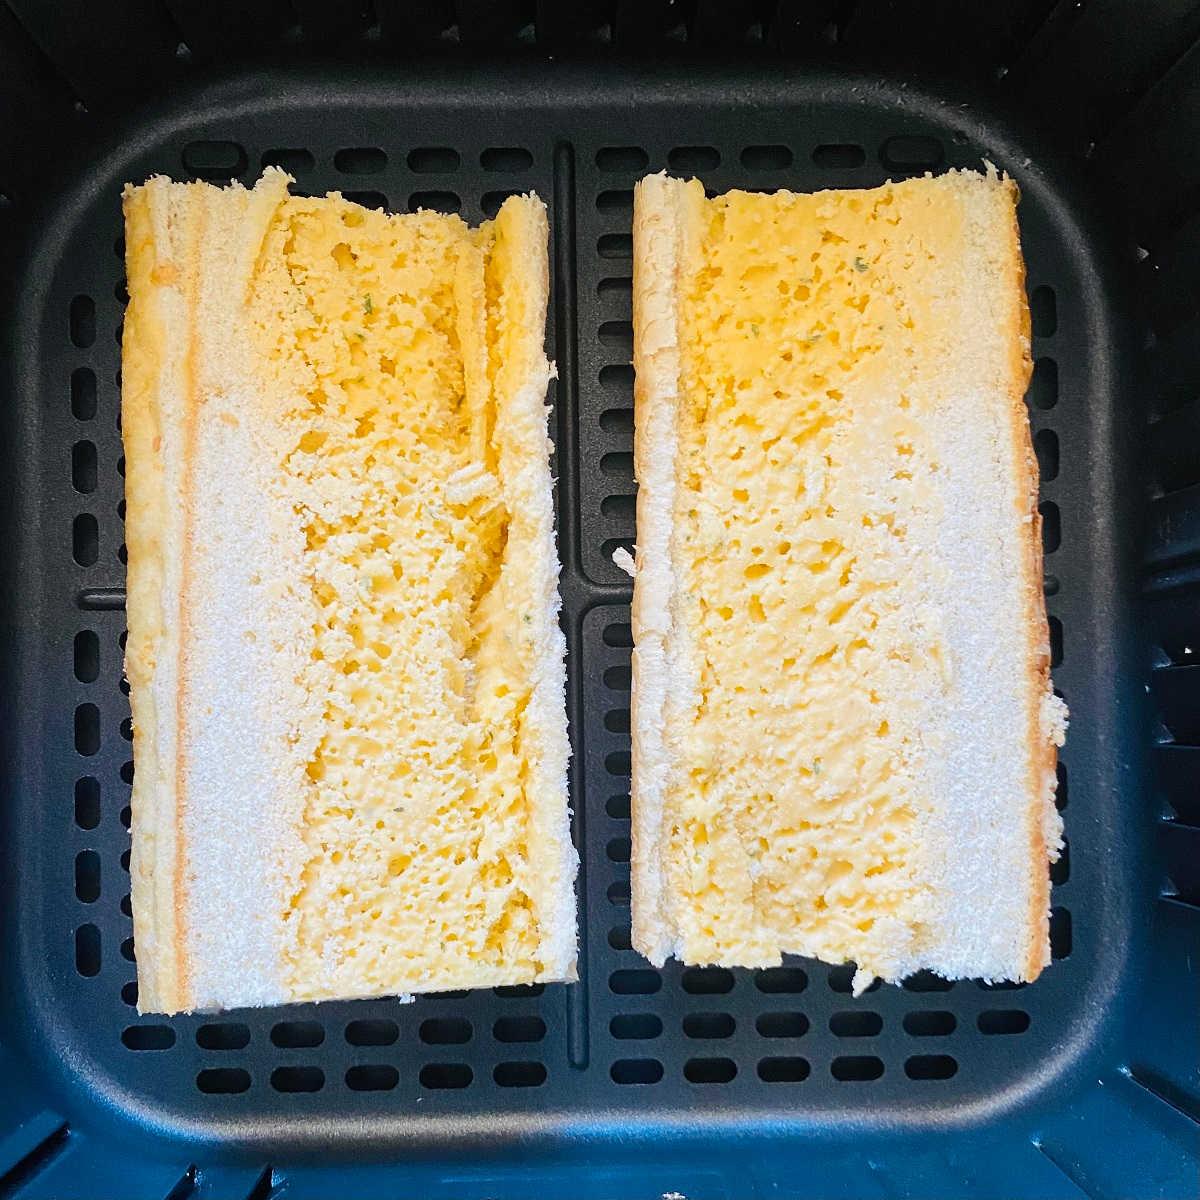 frozen garlic bread in air fryer basket